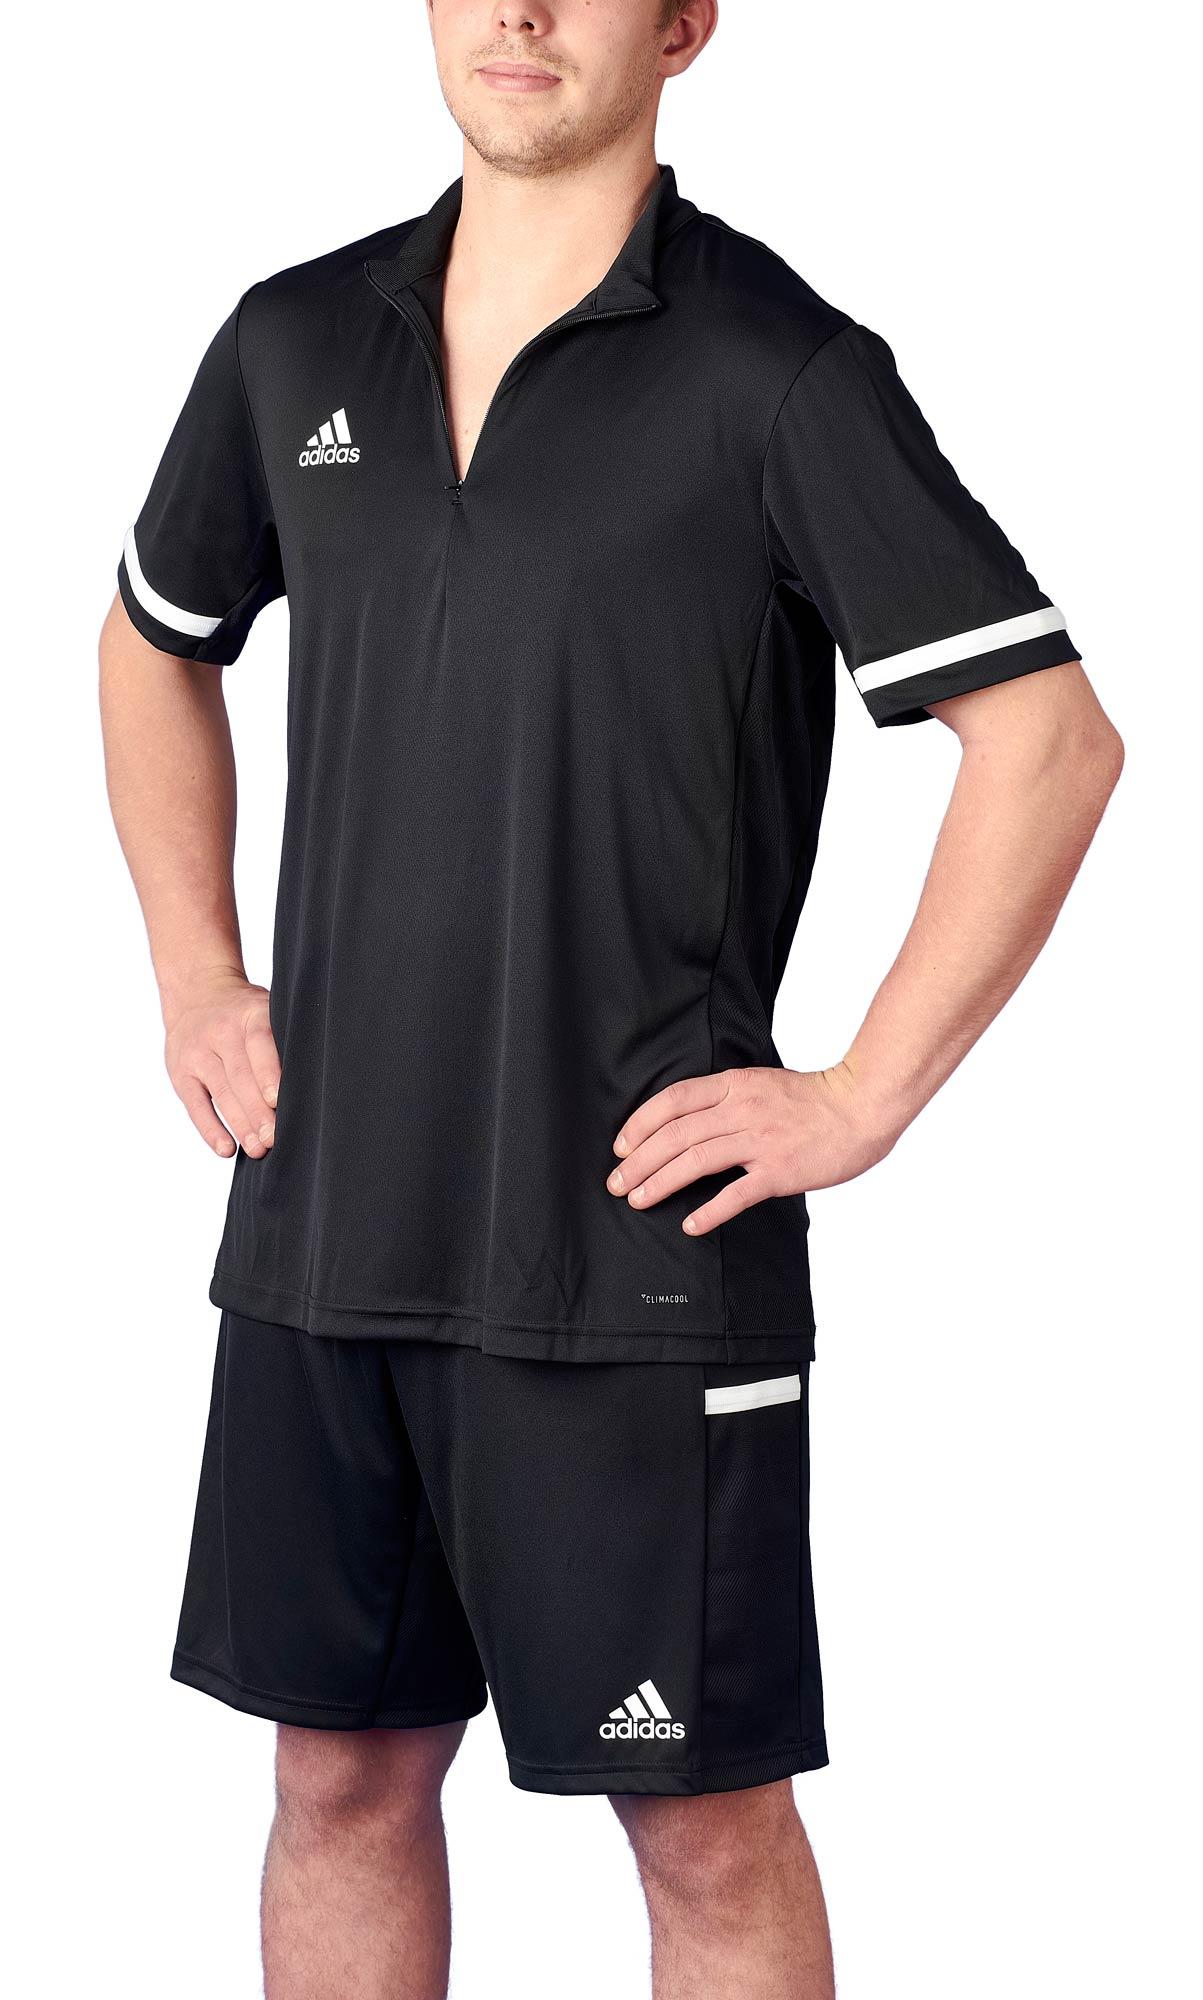 adidas T19 14 Shortsleeve Männer schwarzweiß, DW6850